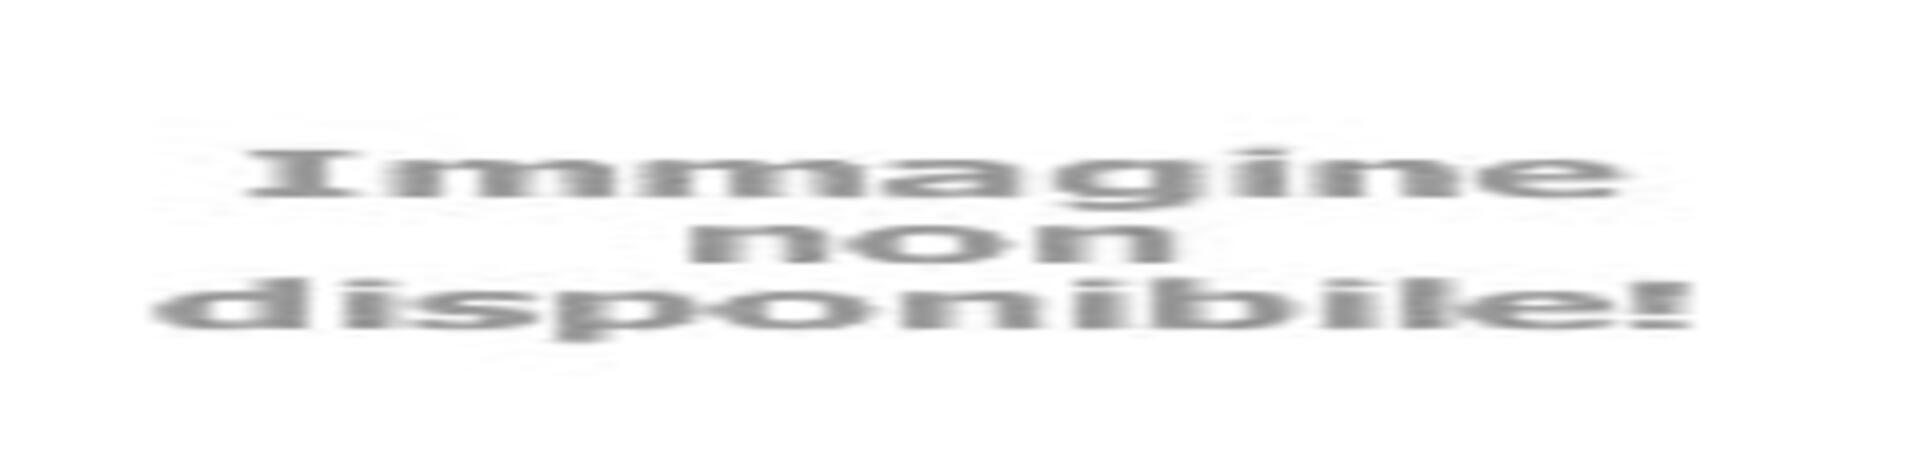 Super offerta giugno al mare in hotel a Roseto degli Abruzzi con spiaggia inclusa